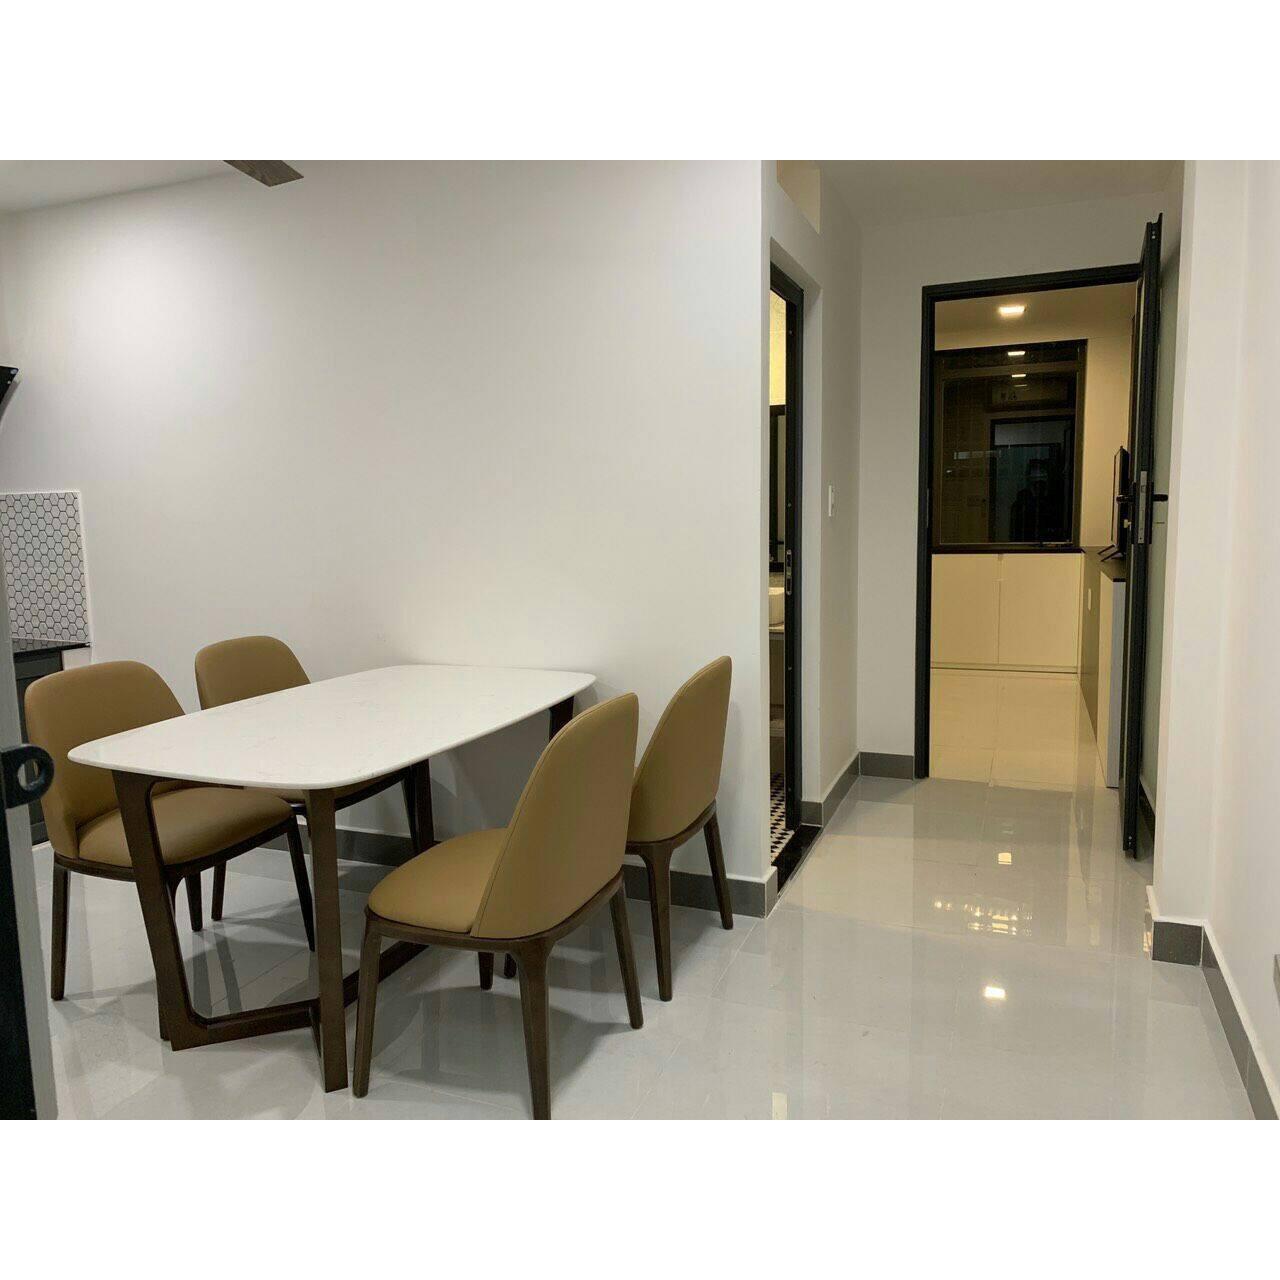 Bộ bàn ăn 4 ghế  mặt đá cao cấp  ( 1m4)